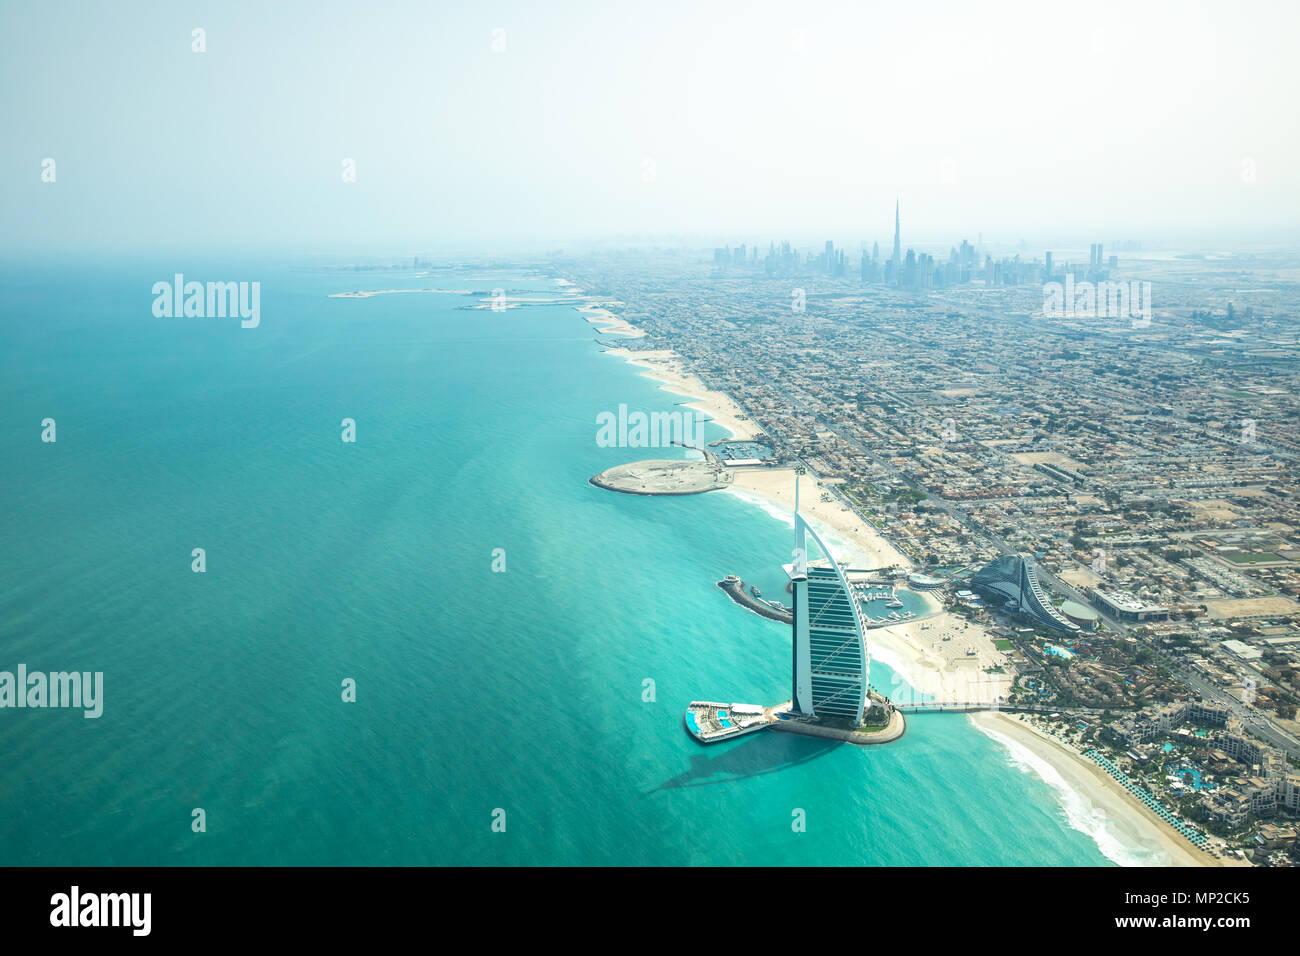 Vista aerea della città di Dubai e Spiaggia di costa in una limpida giornata di sole. Immagini Stock